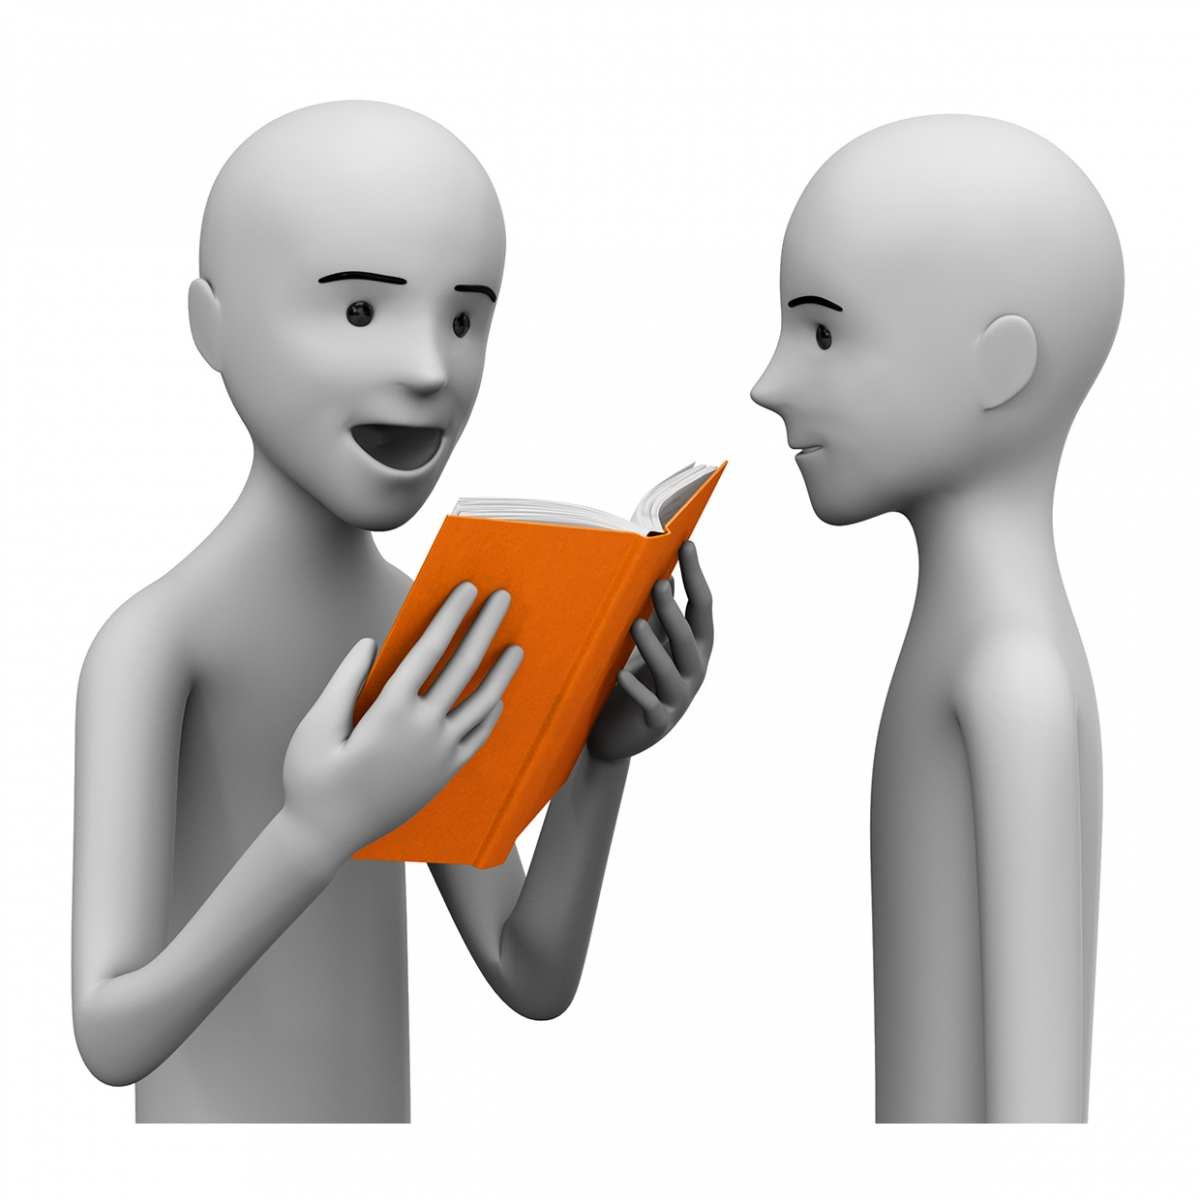 Imagen en la que se ve a una persona leyendo un libro a otra persona